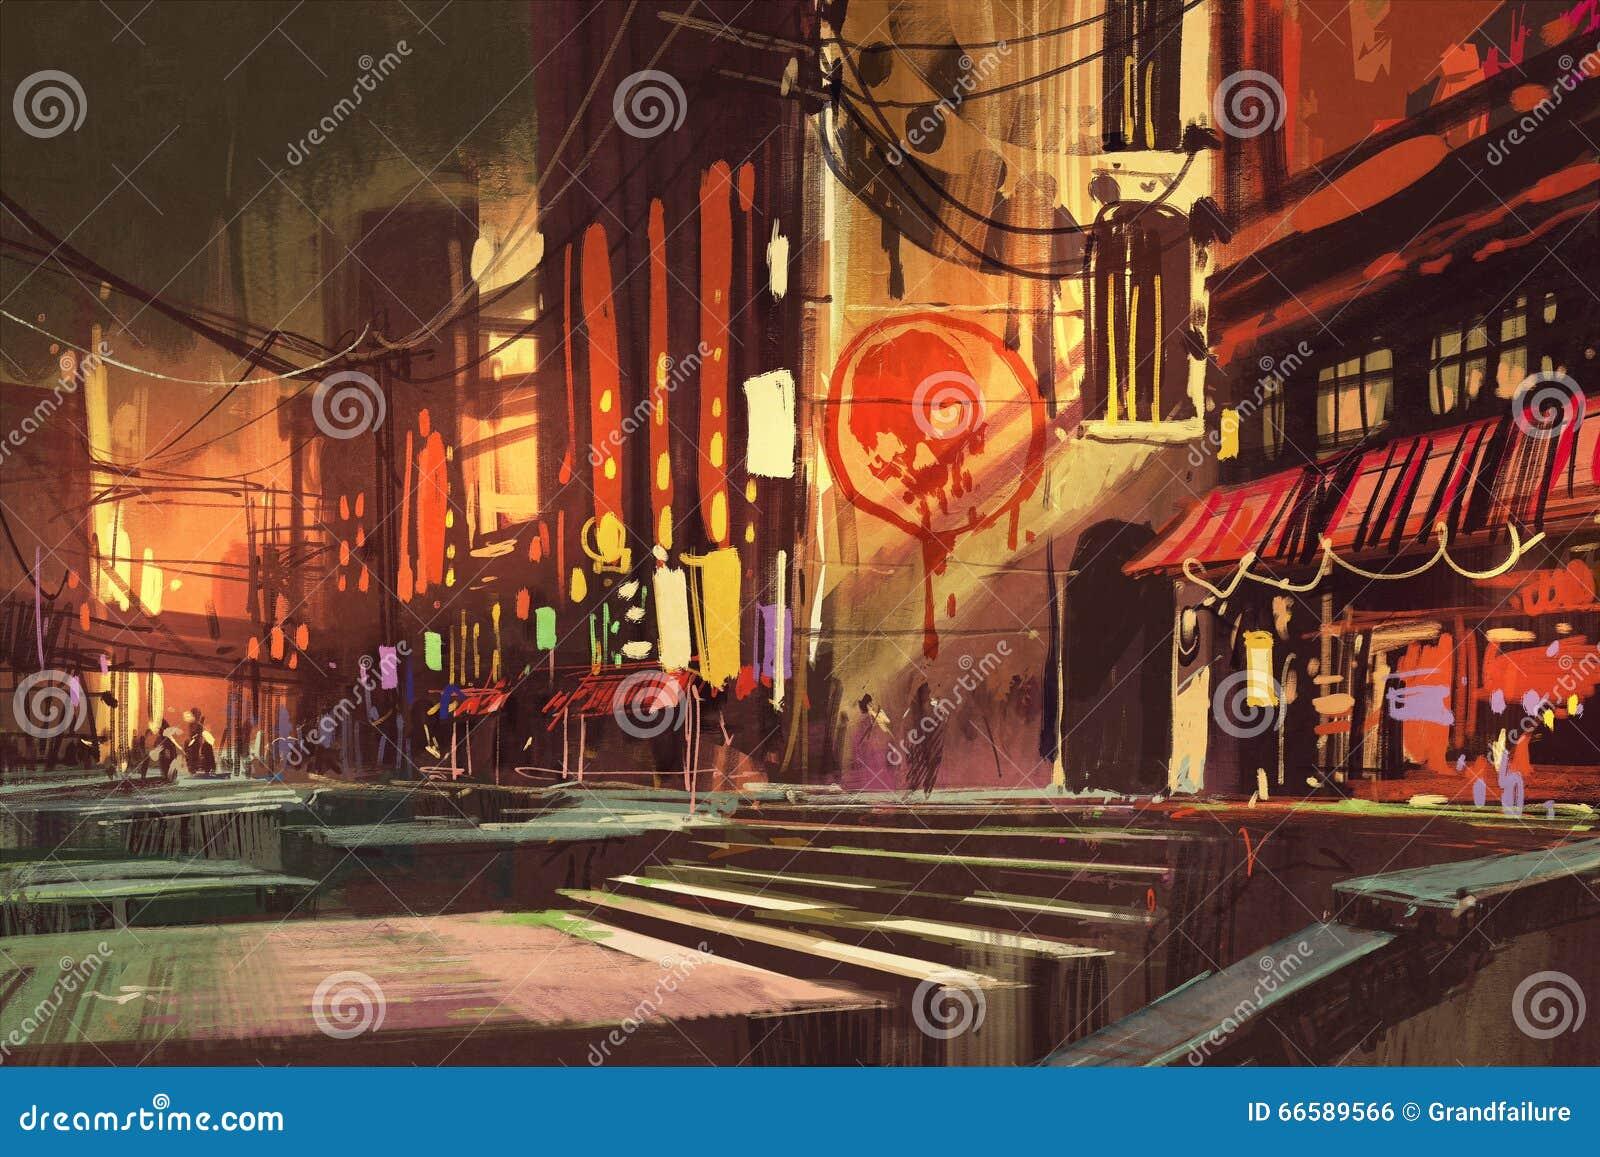 Sciencefictionsszene, die Einkaufsstraße, futuristisches Stadtbild zeigt